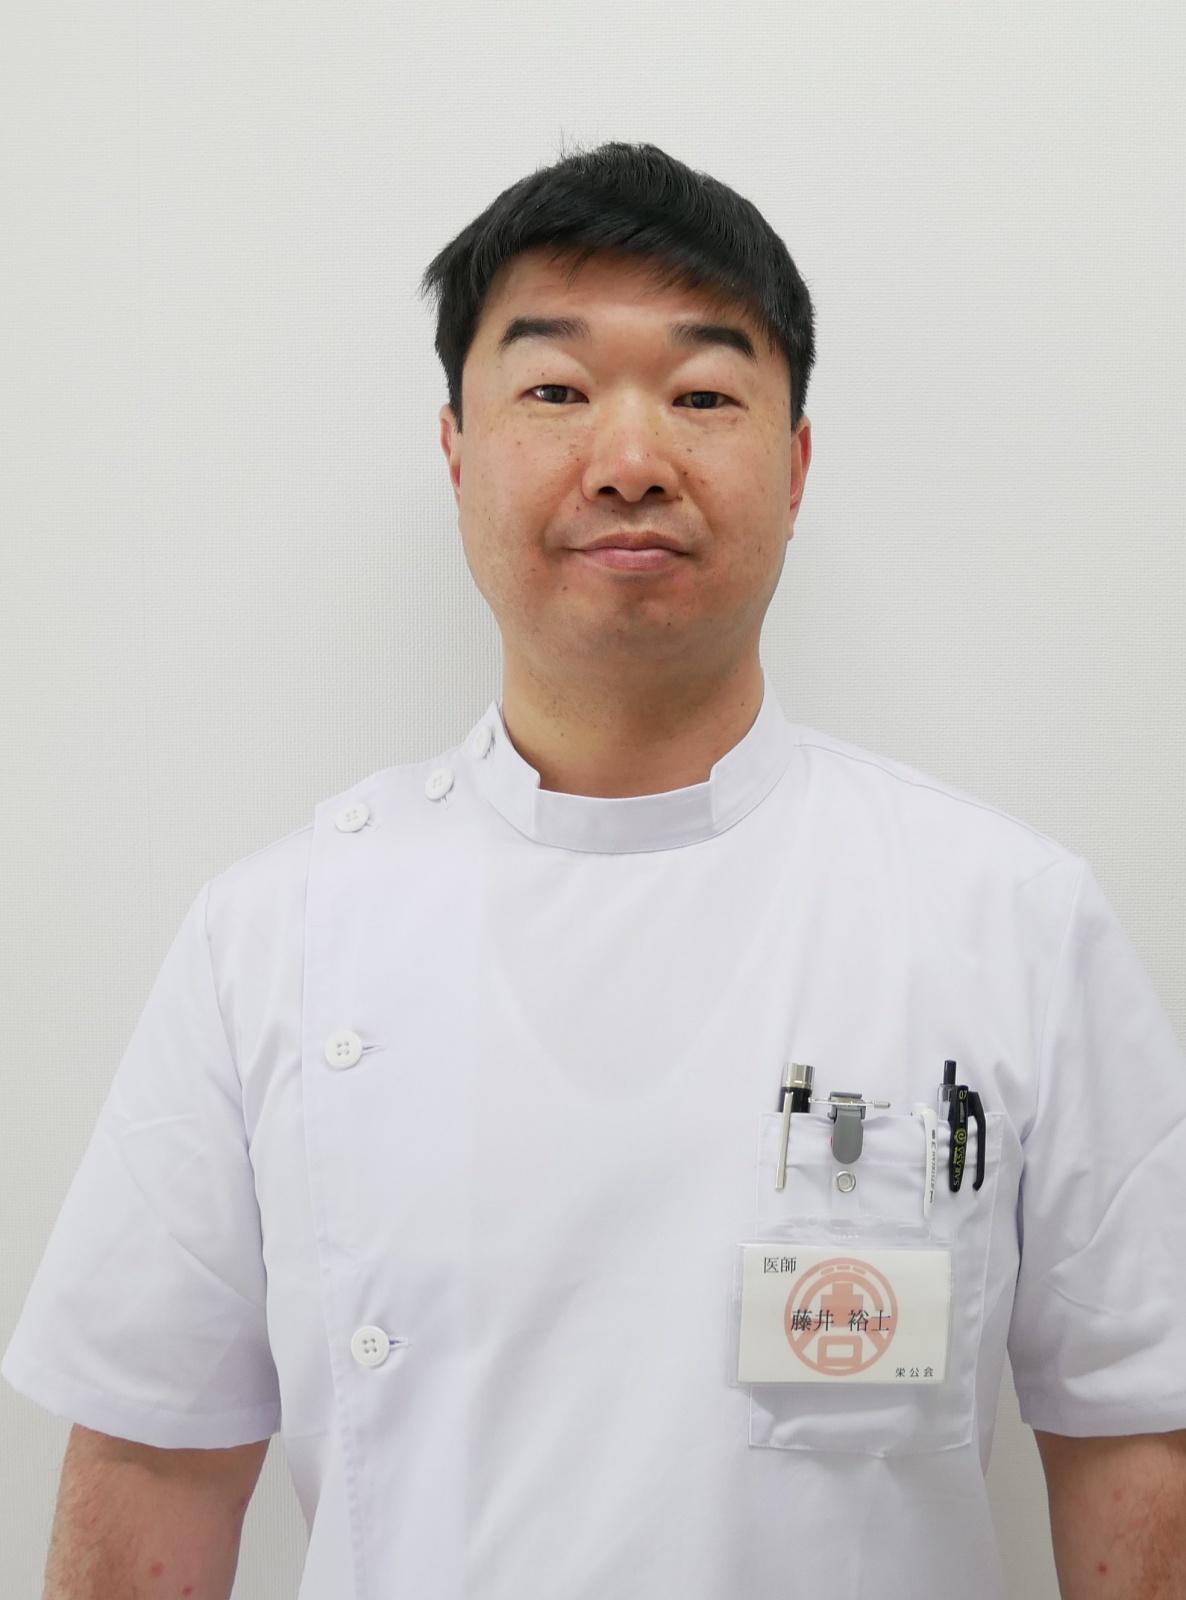 藤井 裕士 医師(常勤)